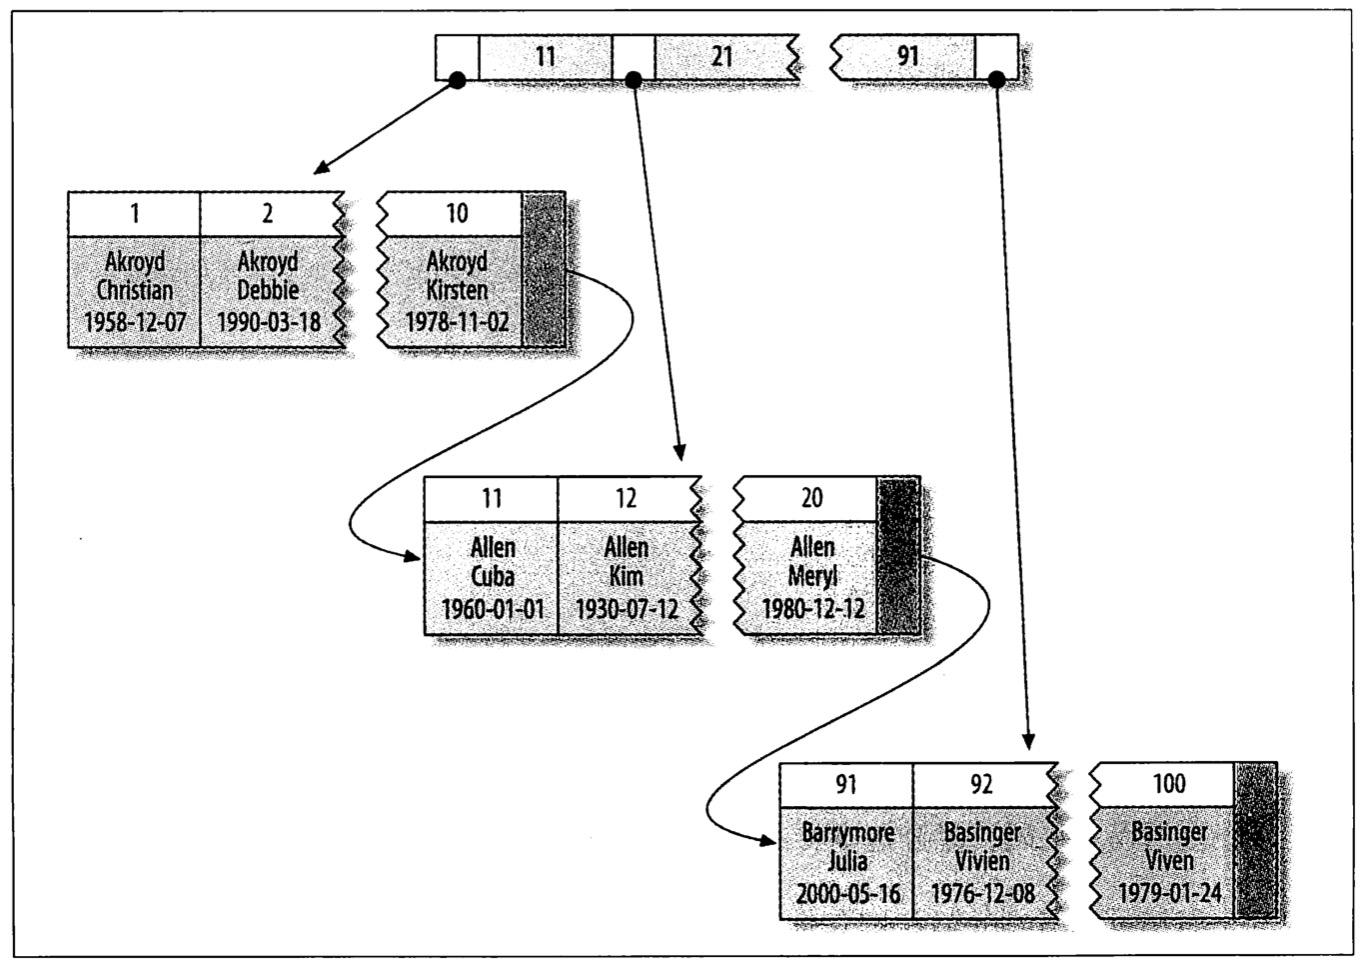 聚簇索引的结构